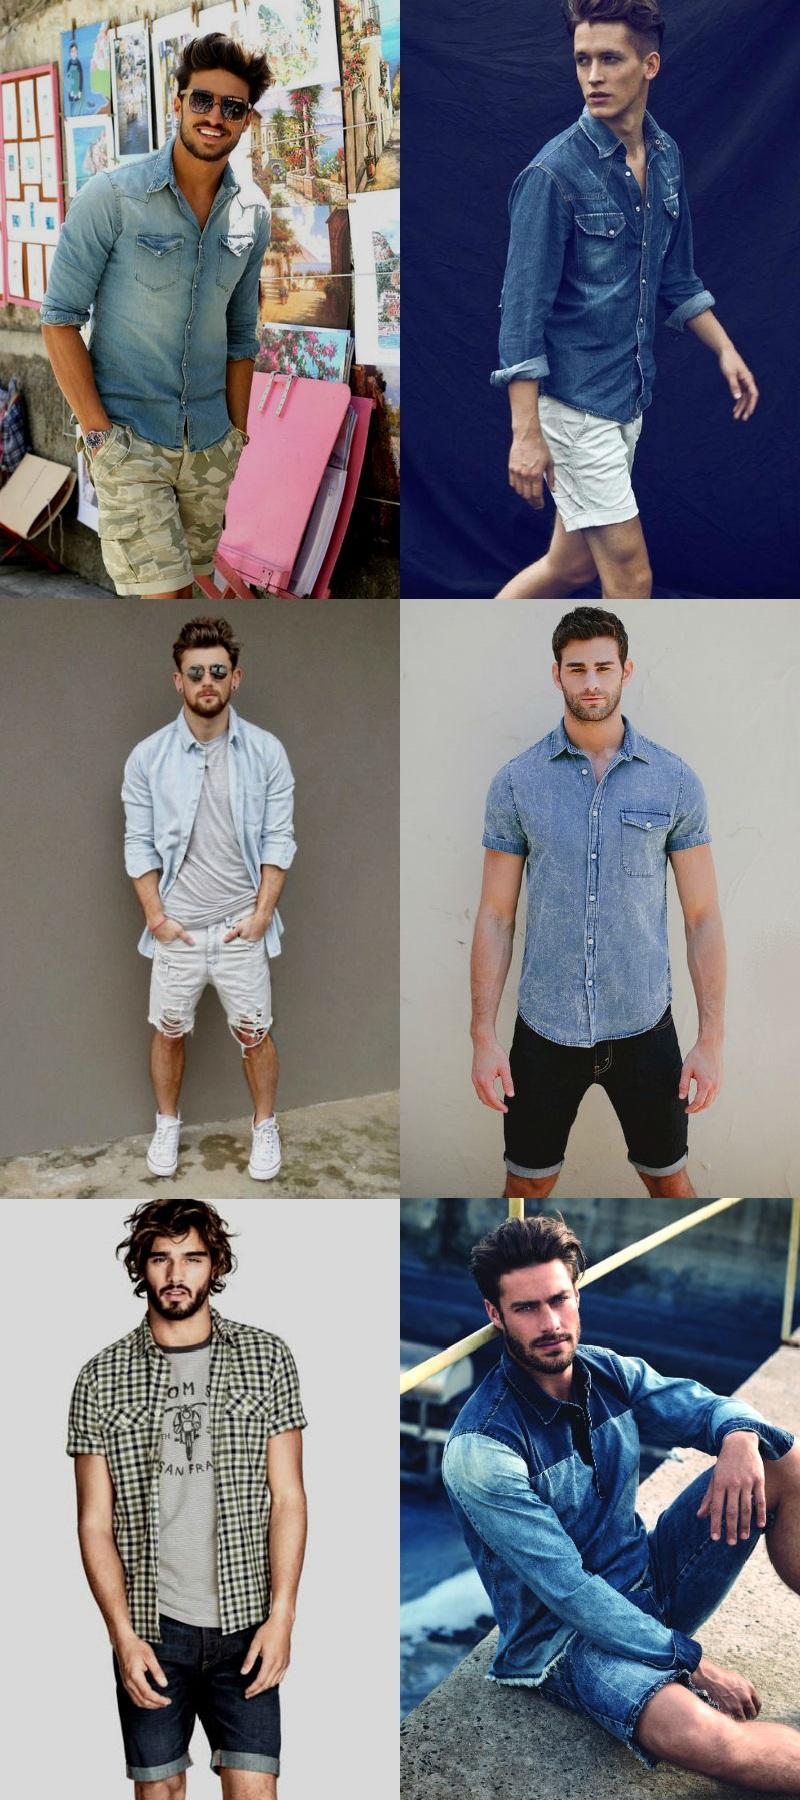 8c39fc030 Homem No Espelho - Moda casual- bermudas camiseta jeans - Homem no ...